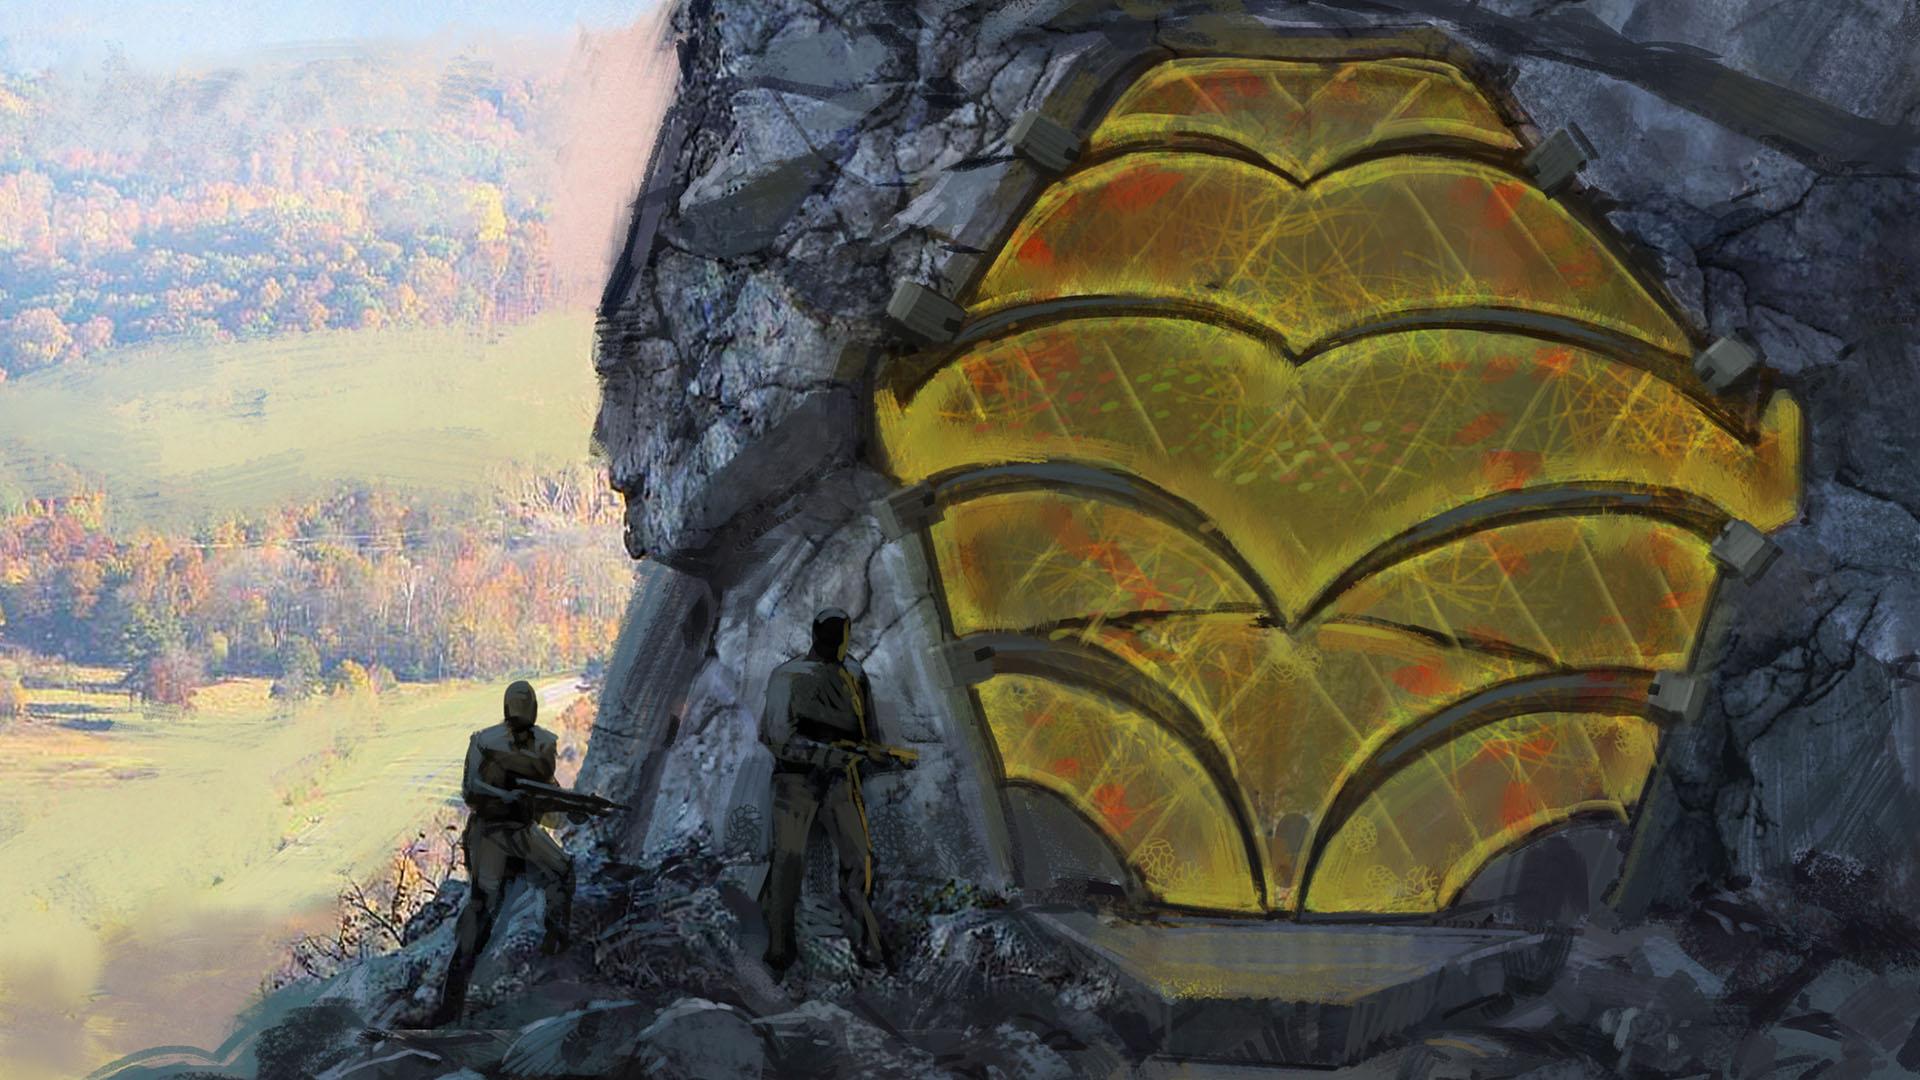 Alien gateway